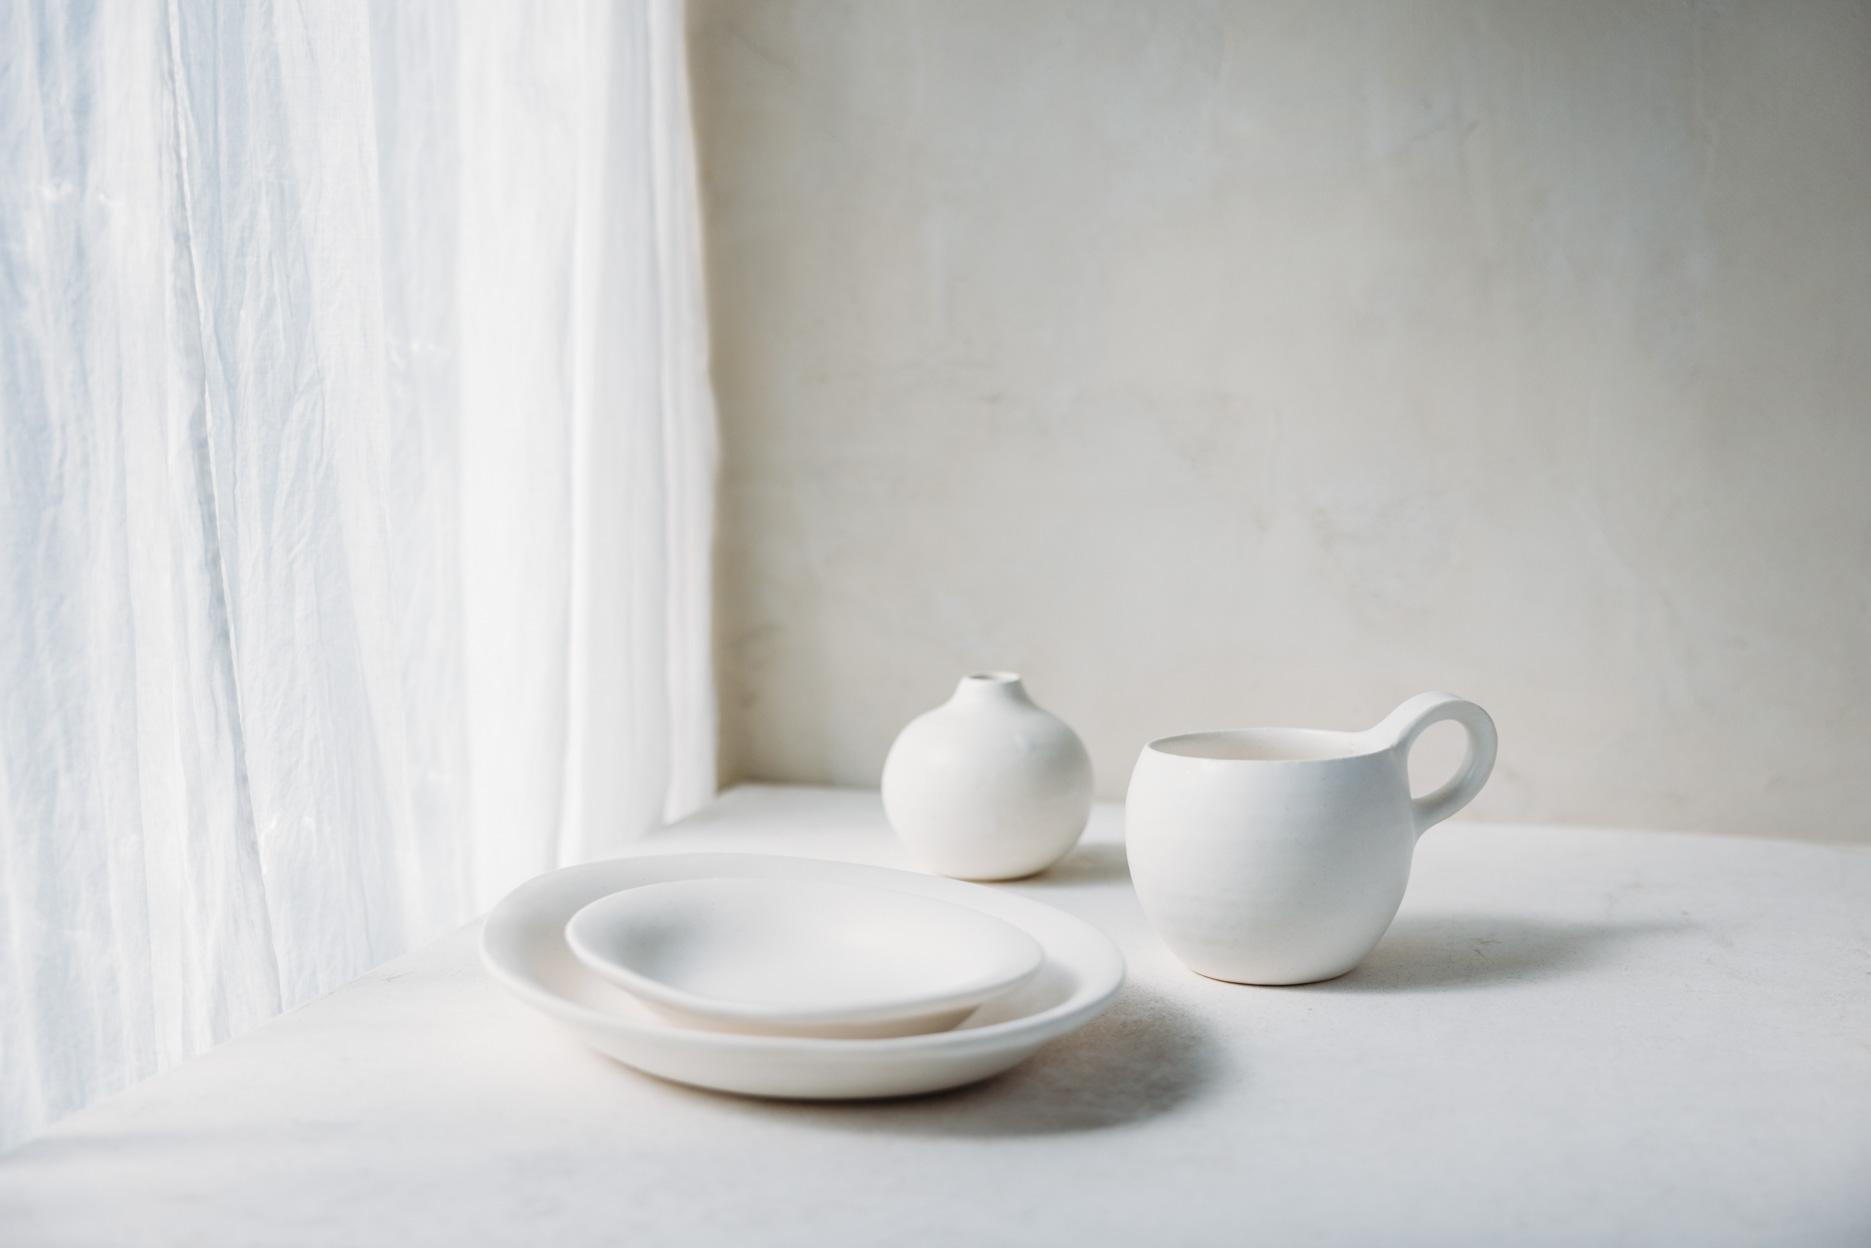 眞砂眞砂子 masago masako 器 陶器 通販